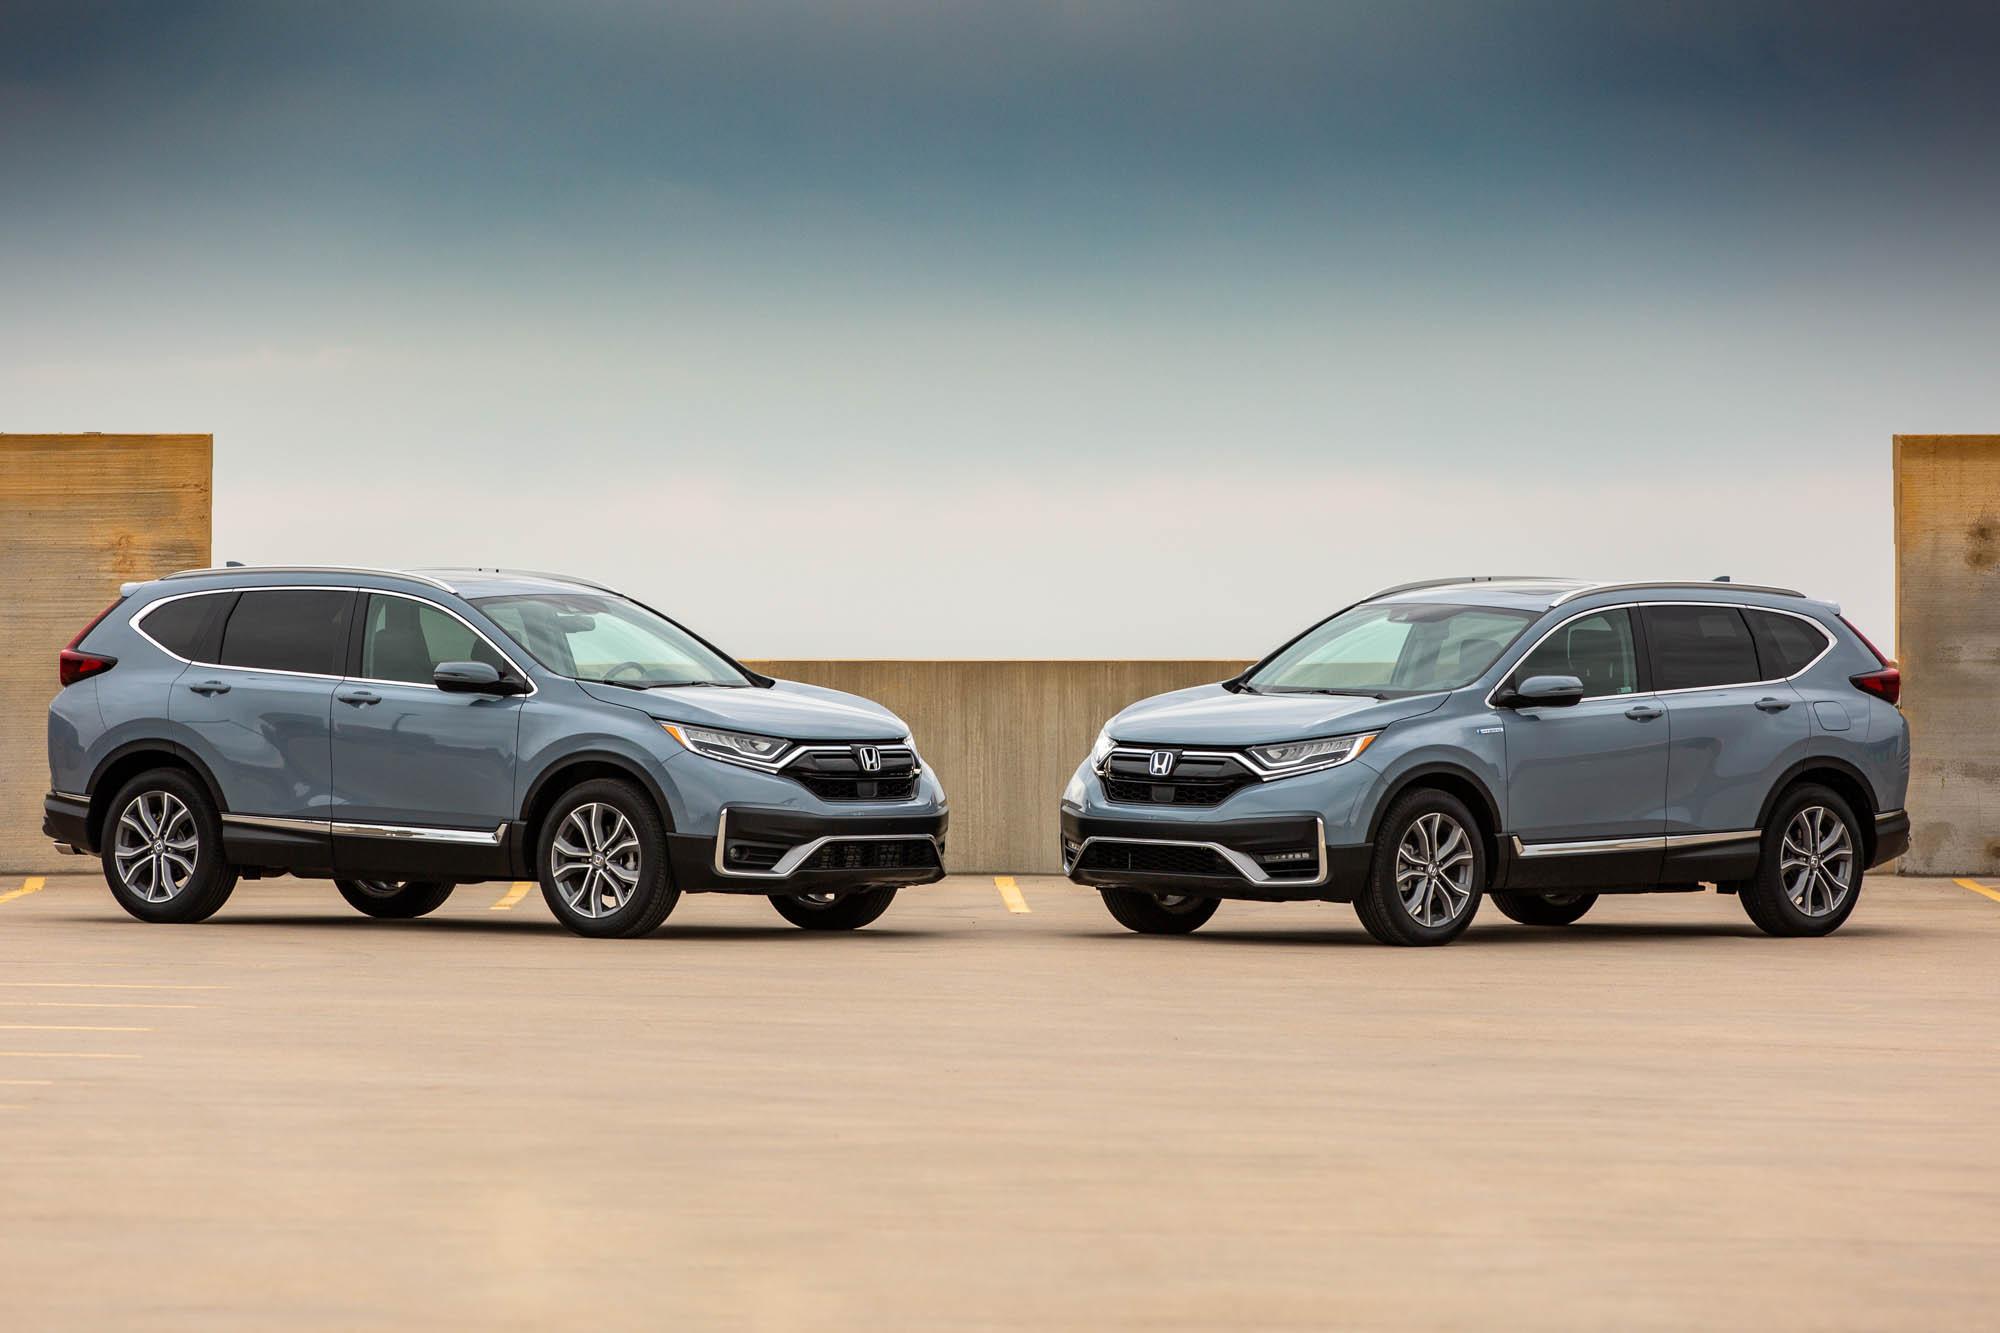 2020 Honda Cr V Vs 2020 Honda Cr V Hybrid Compared Crossover Suv Cross Up